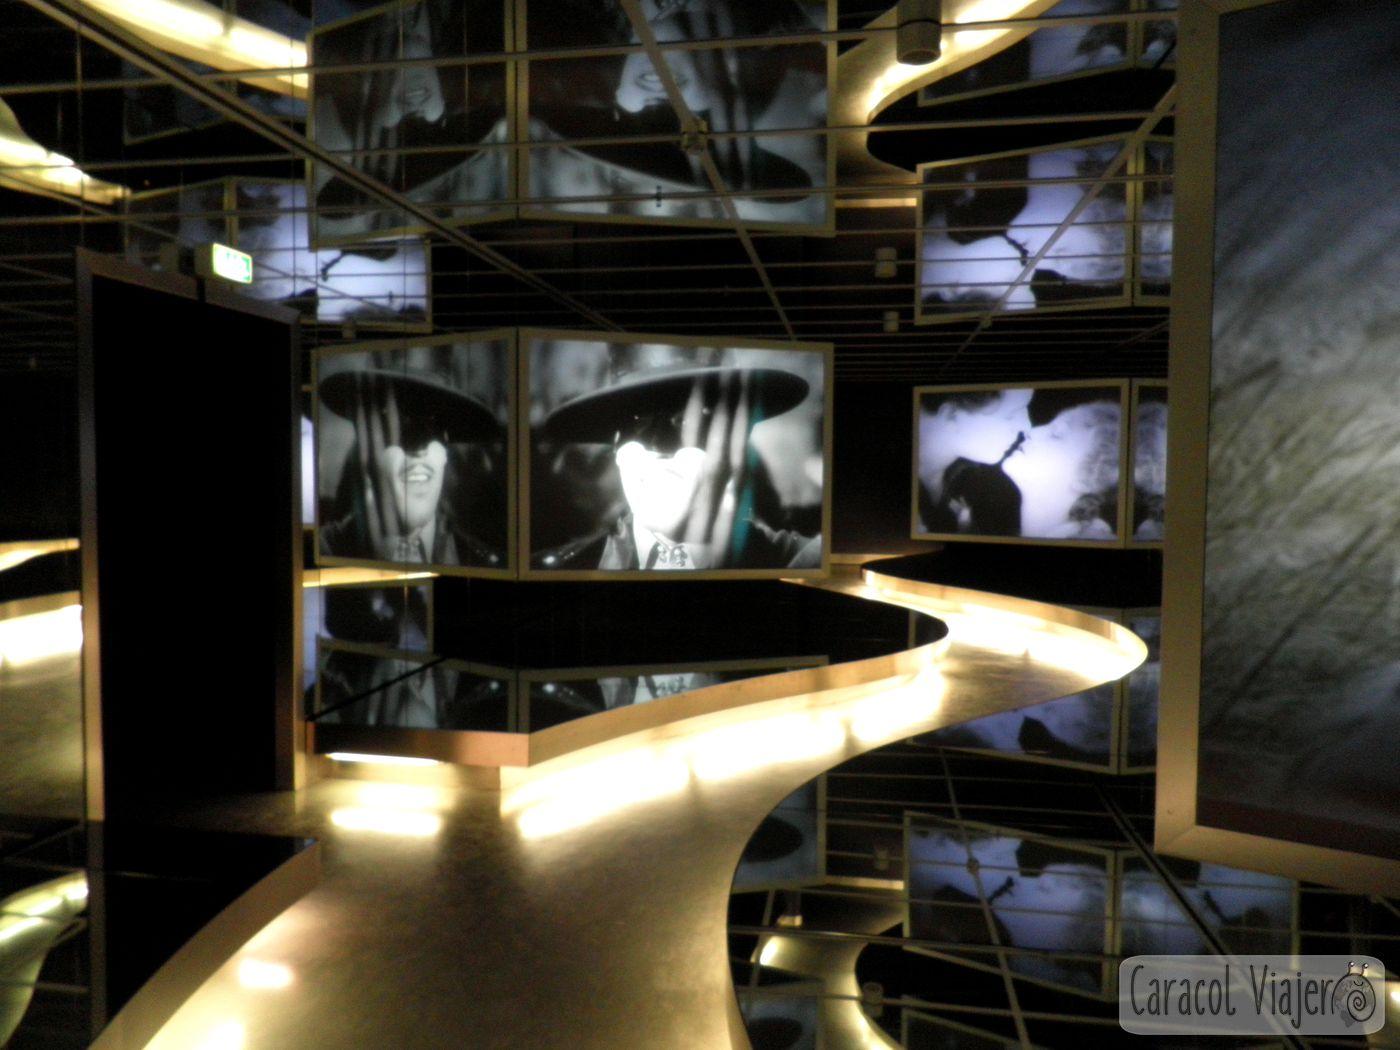 Museo del cine y televisión en Berlín